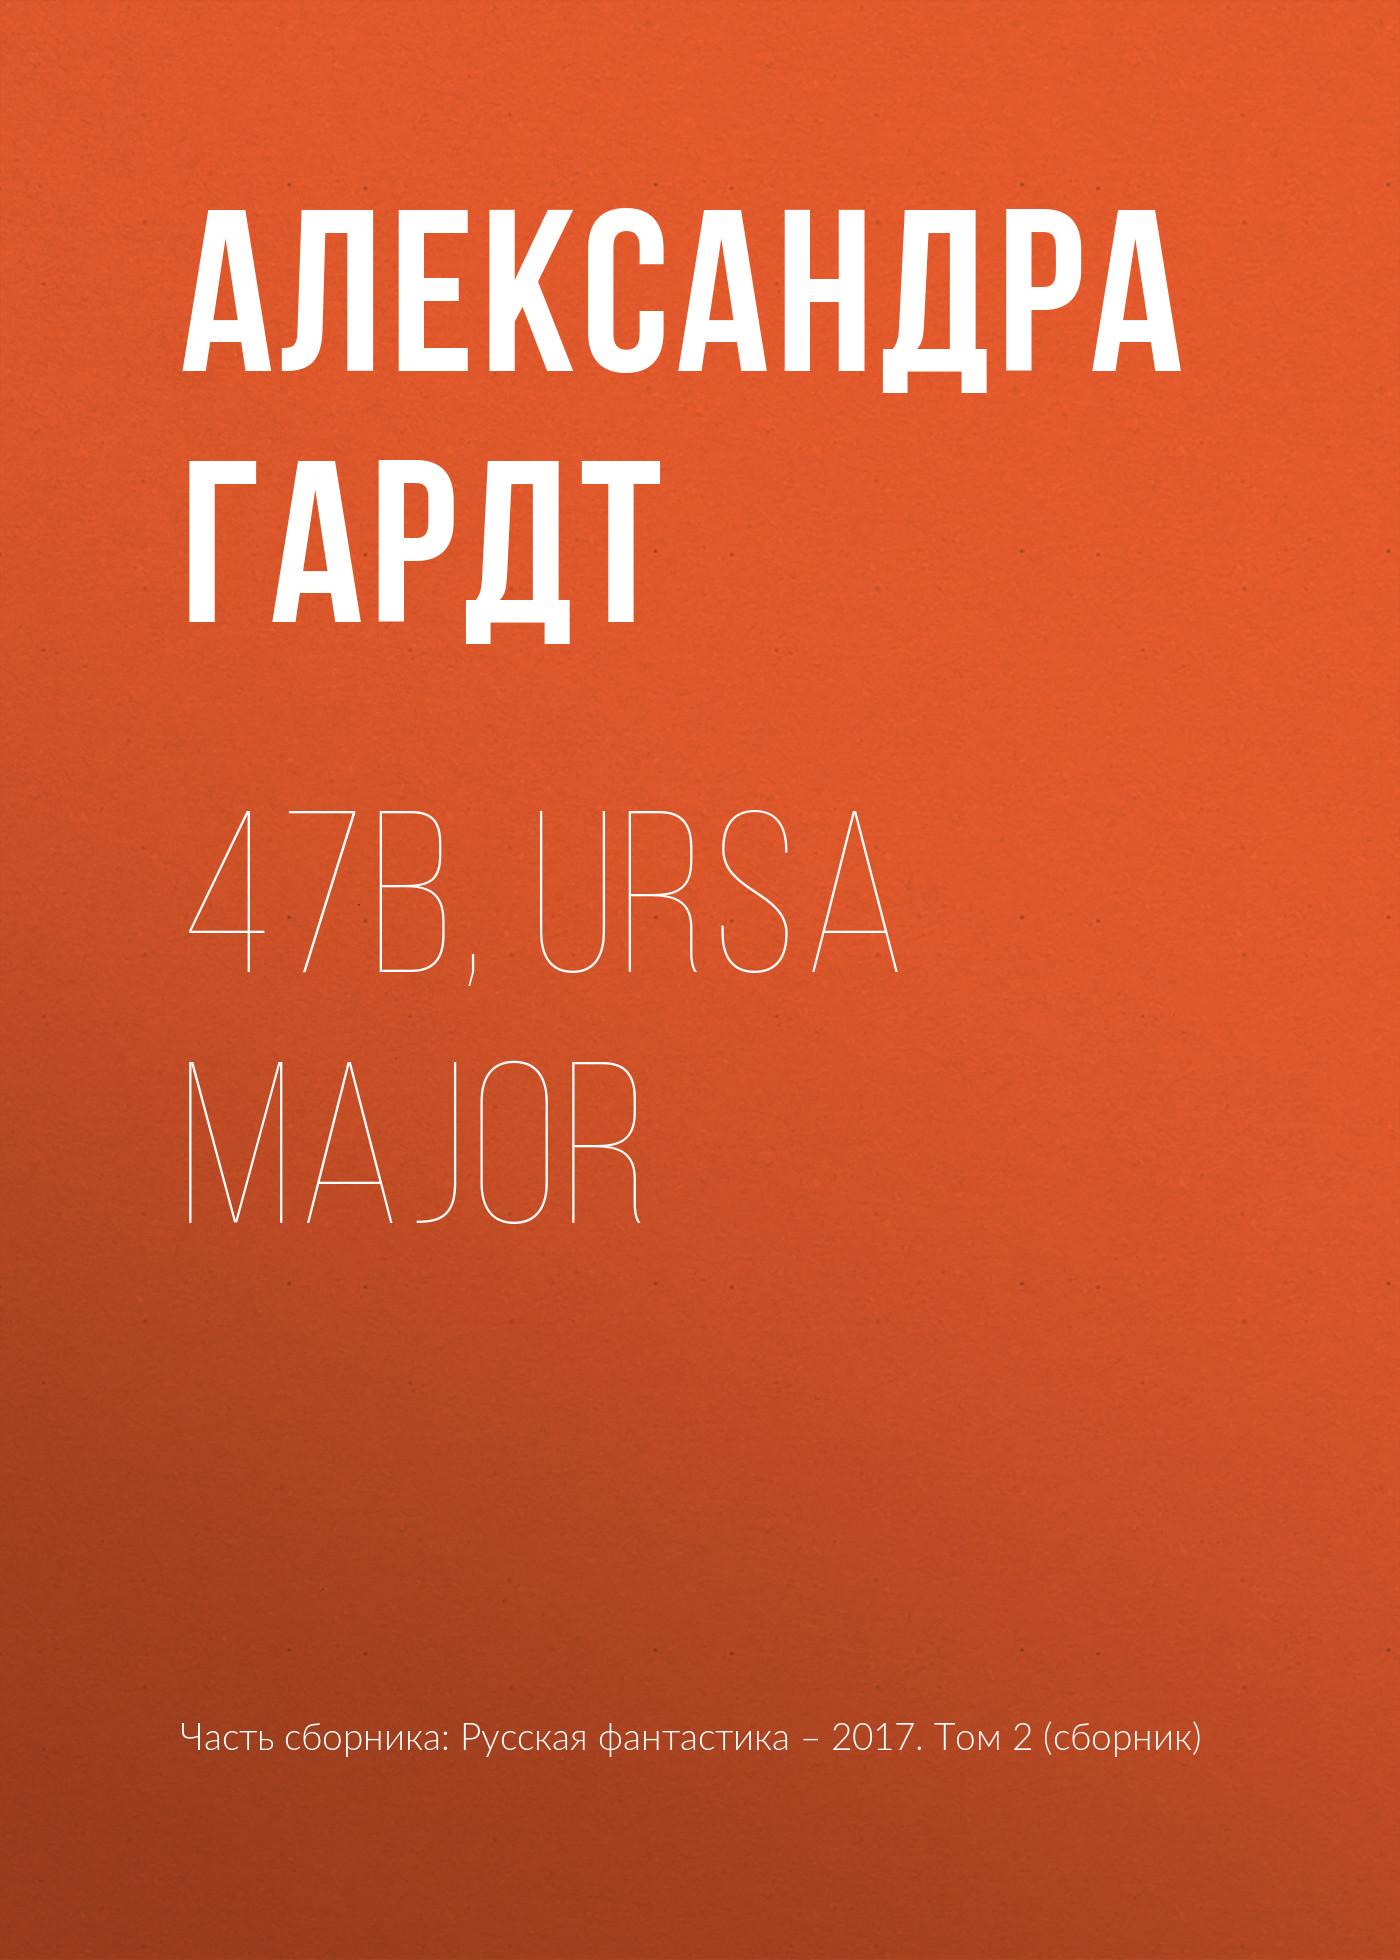 Александра Гардт 47b, Ursa Major